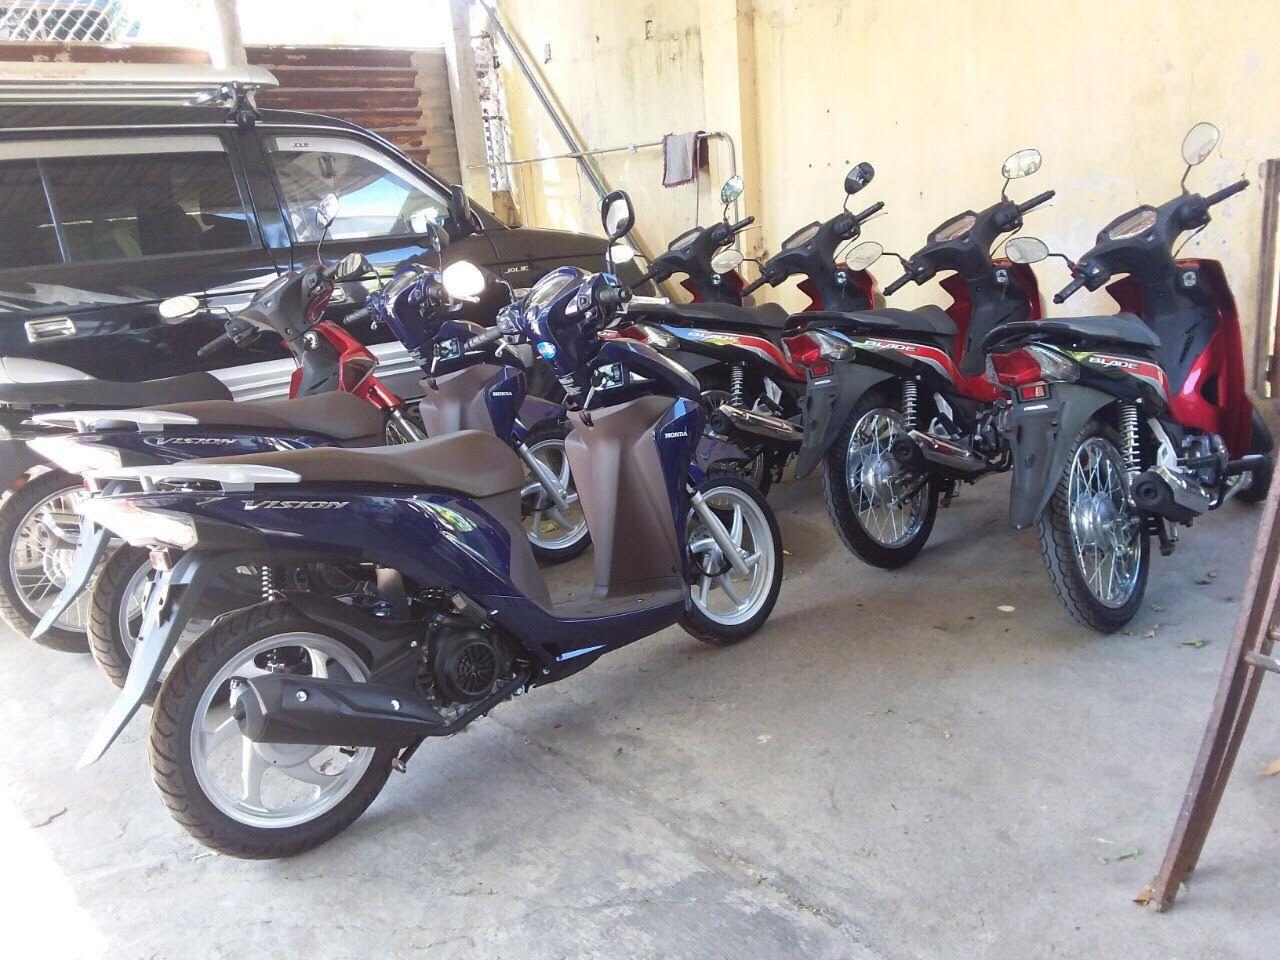 Danh sách địa chỉ cho thuê xe máy Quảng Bình rẻ và tốt nhất